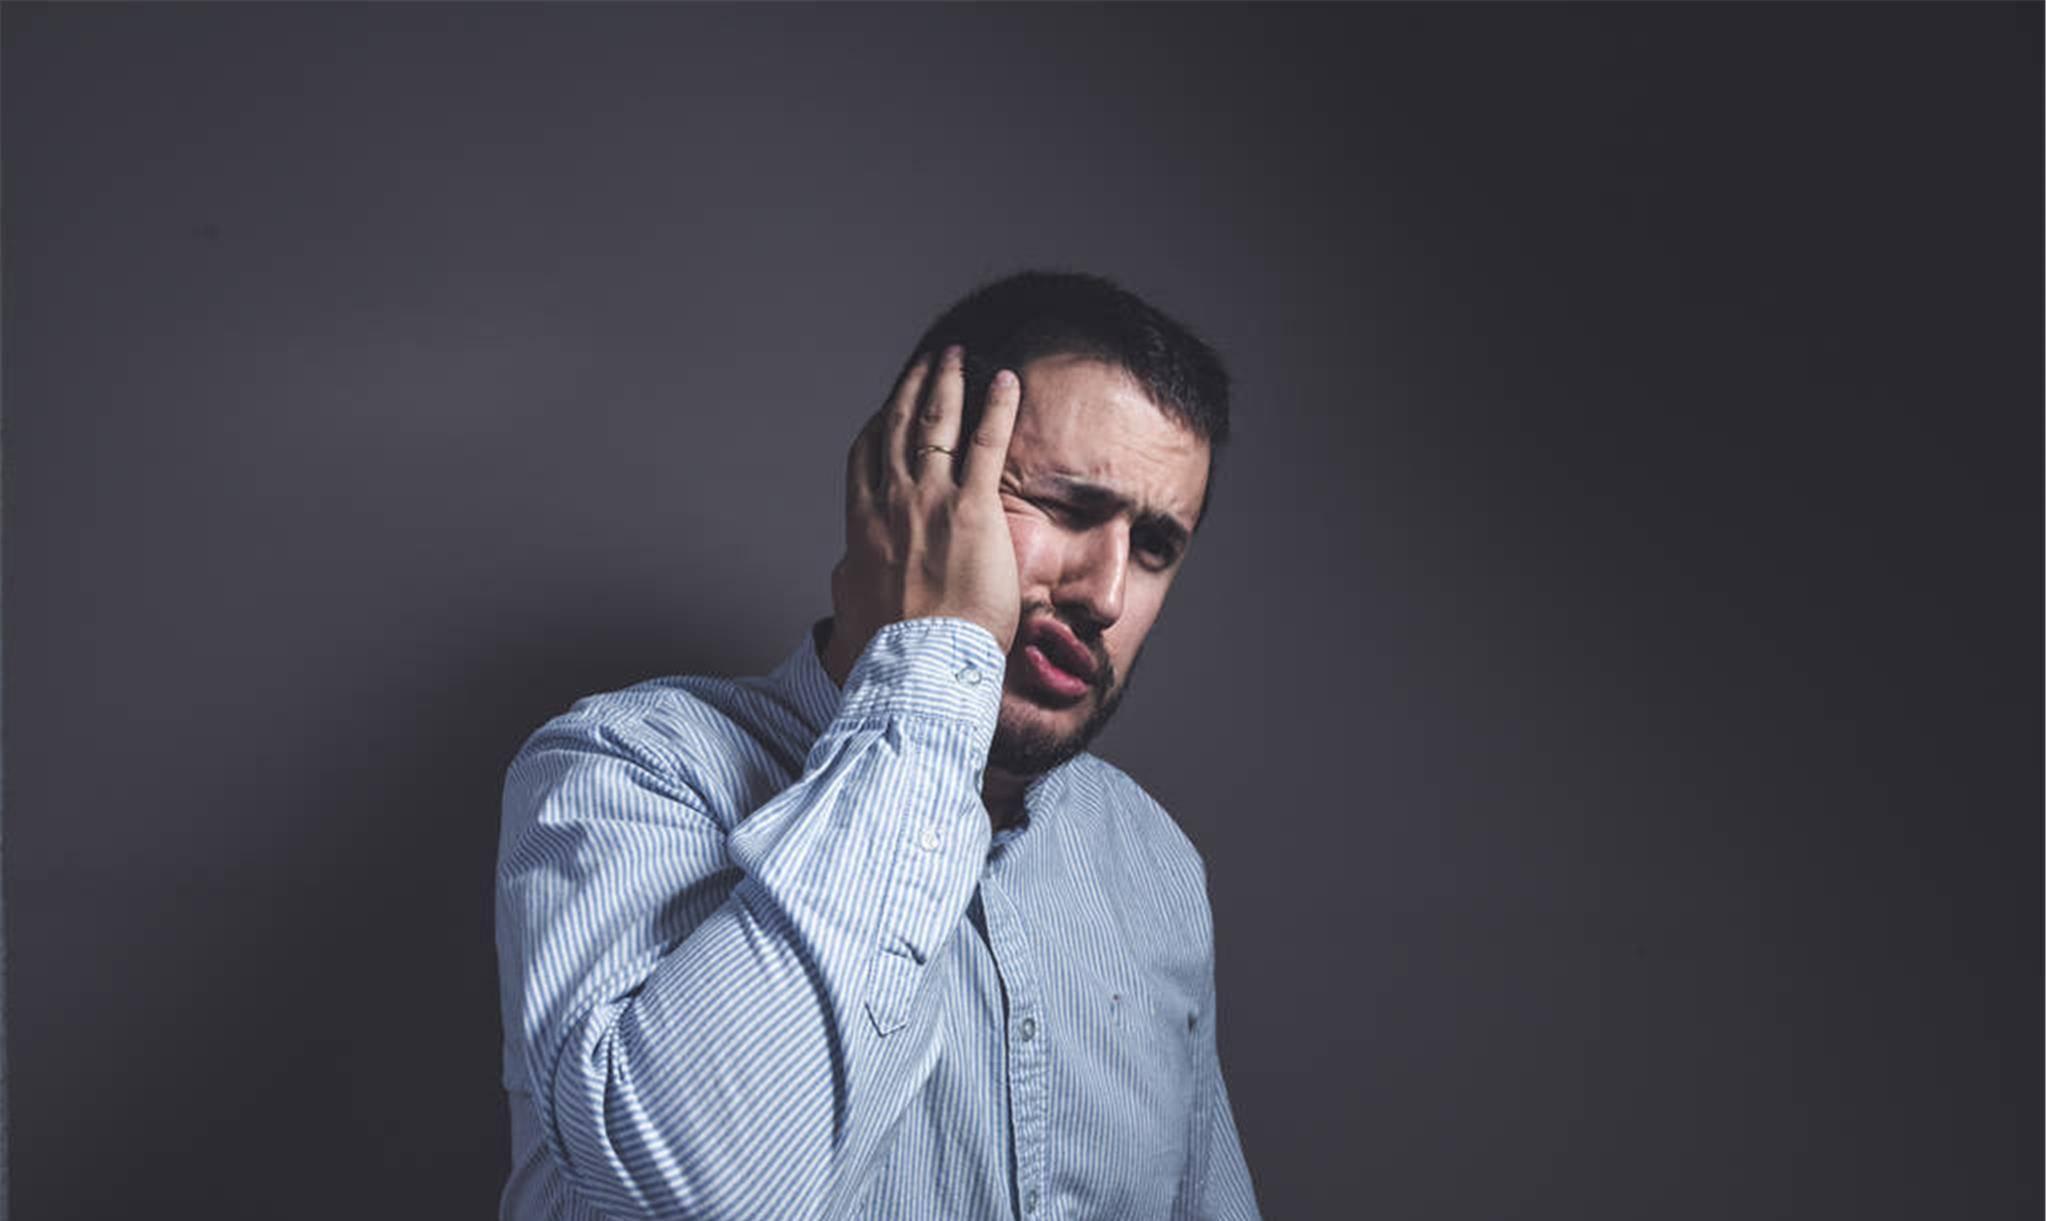 精神高度紧张怎么调理 人过度紧张有哪些表现